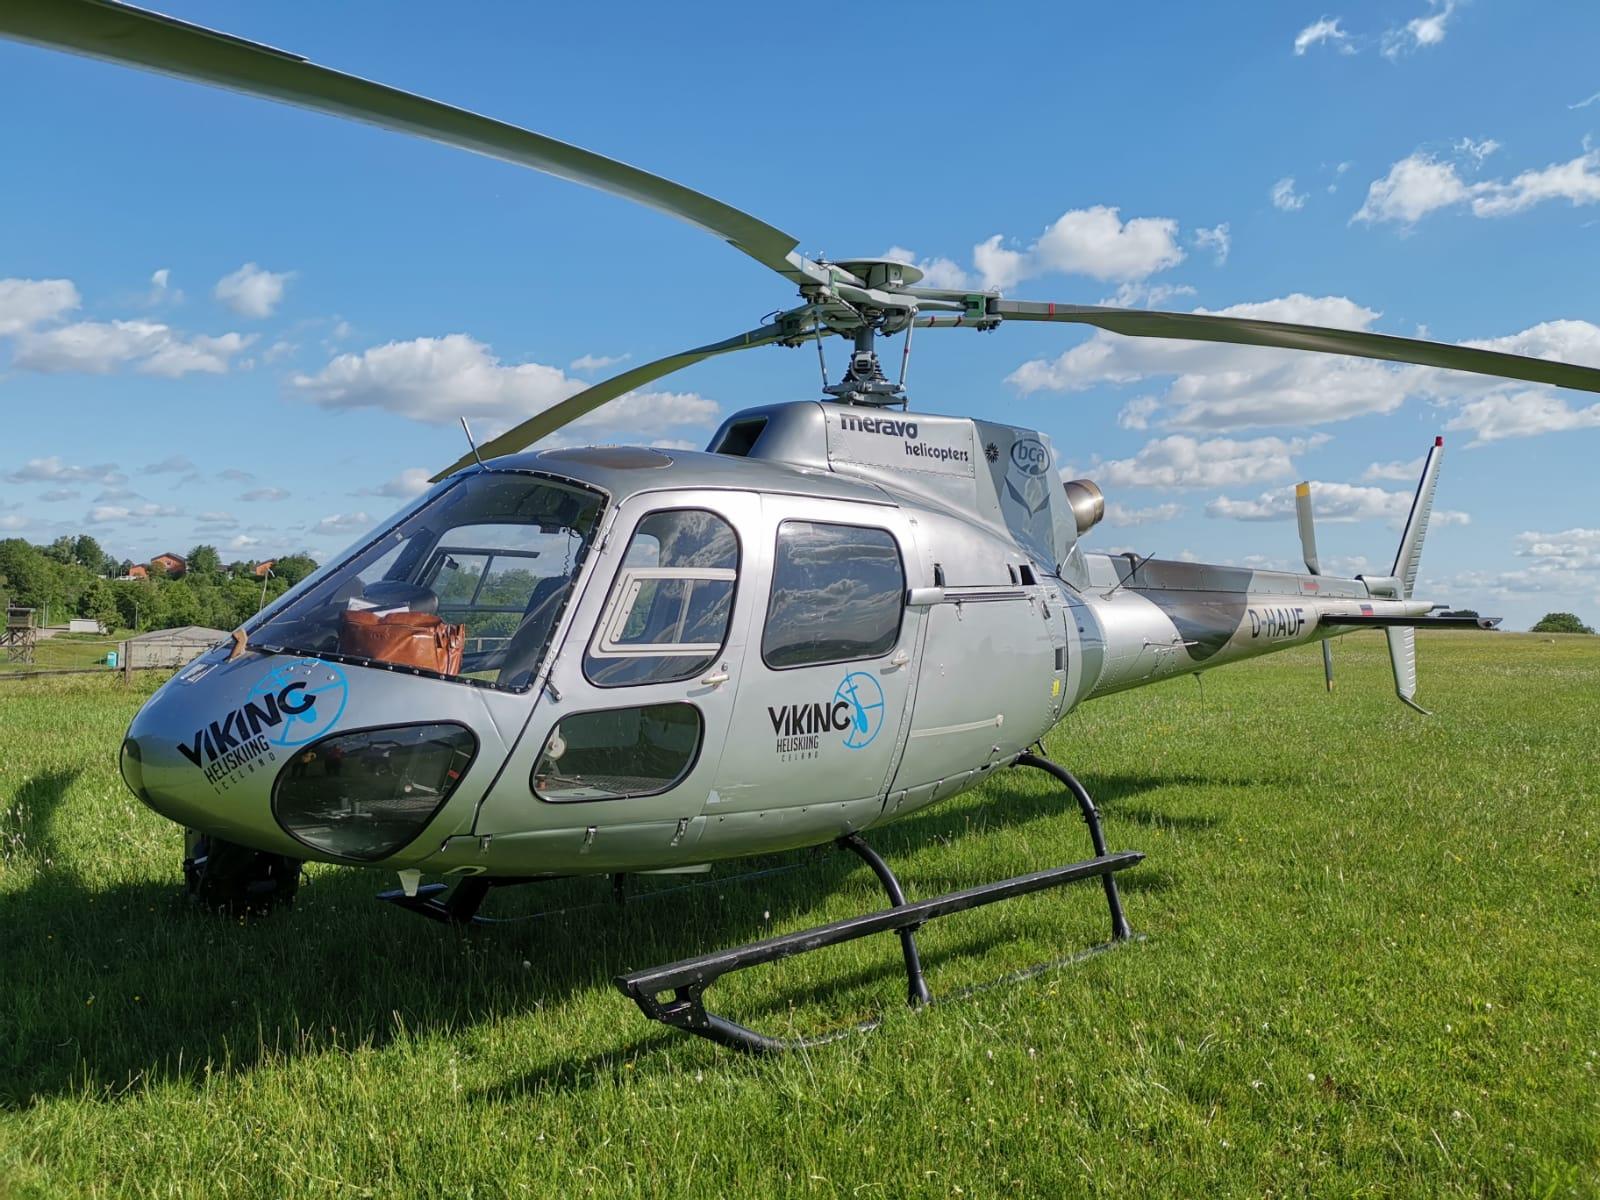 Helikopter Hubschrauber Tandemsprung Heli Karlsruhe Bruchsal Heidelberg